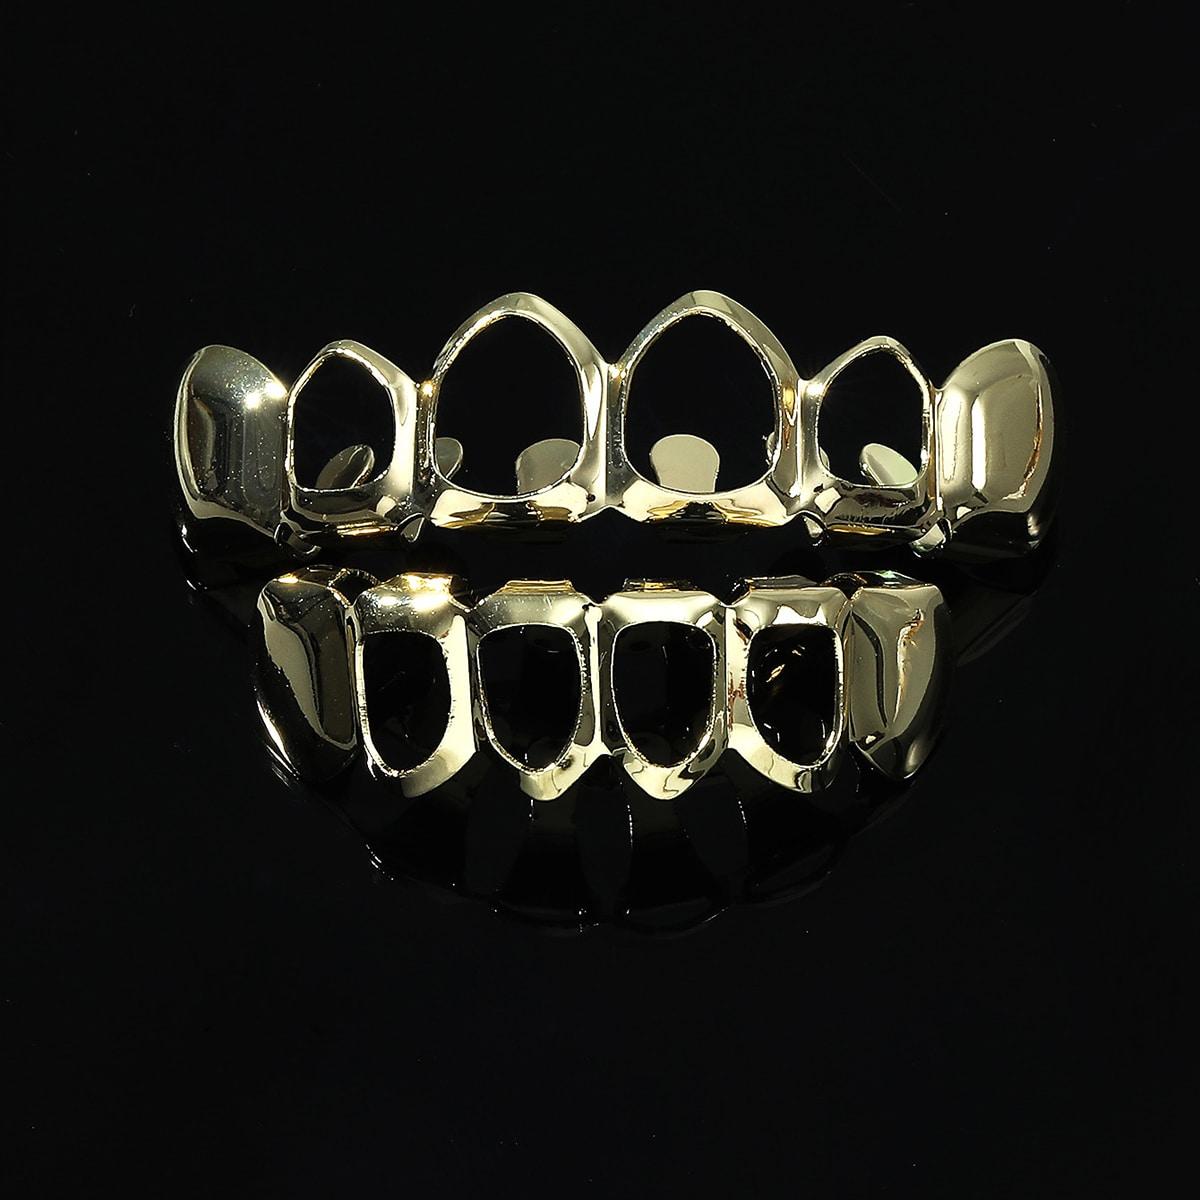 1pair Men Metallic Braces Jewelry